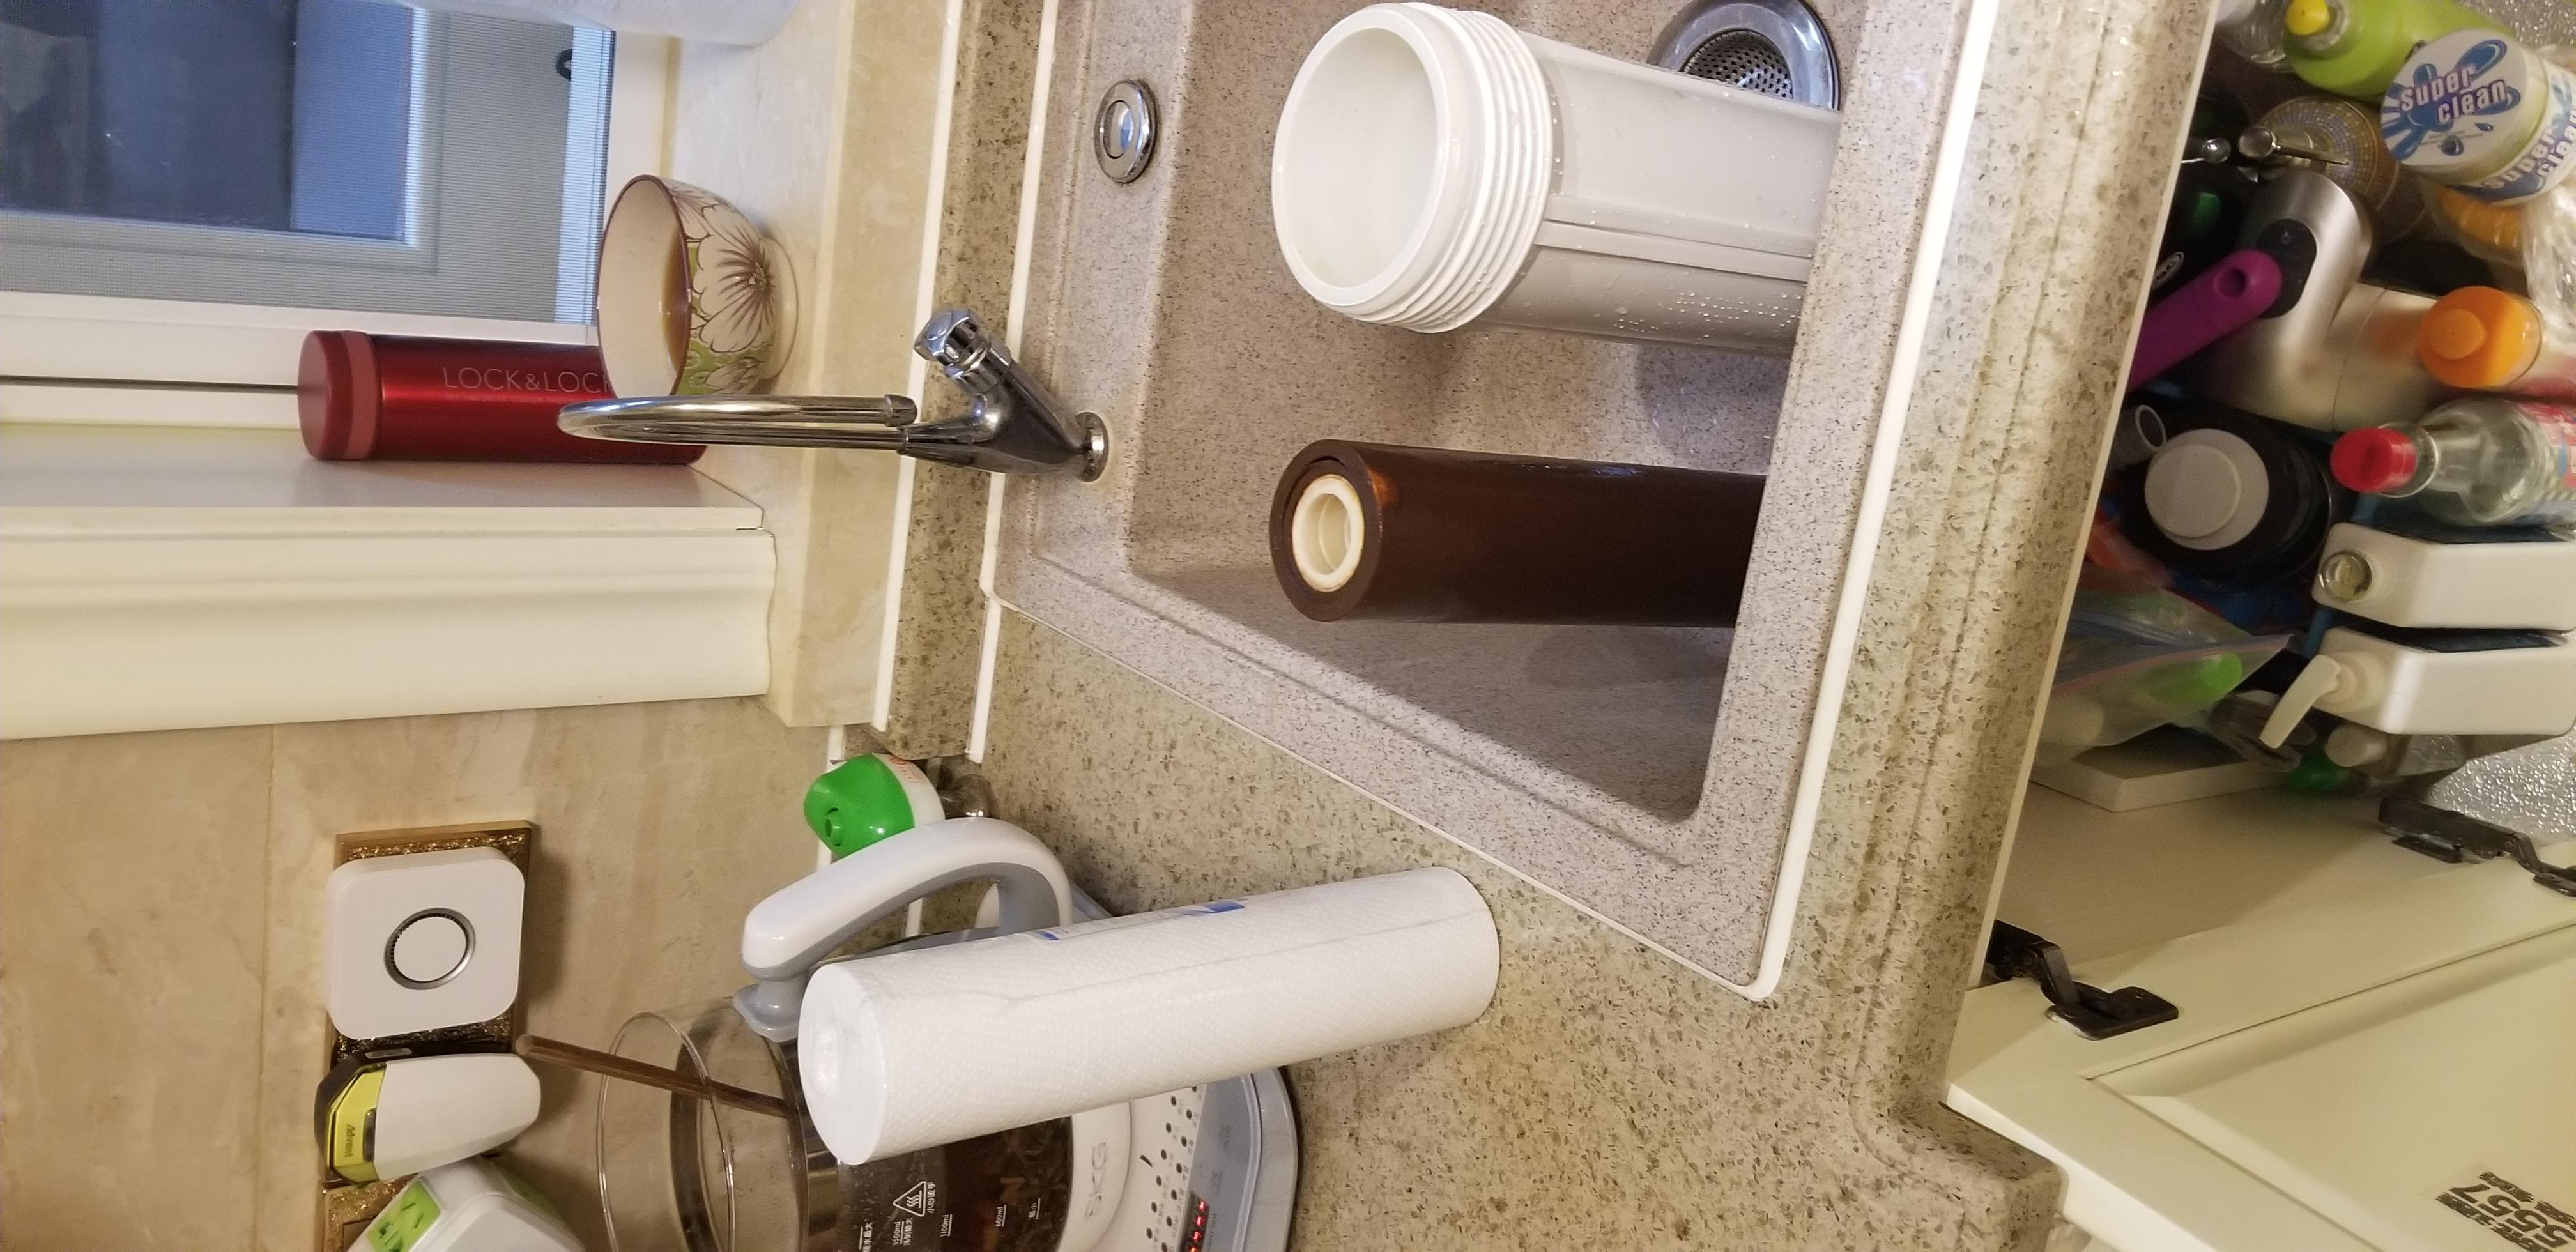 净水机制水慢-源之圆净水机维修售后更换滤芯服务  源之圆售后 第2张